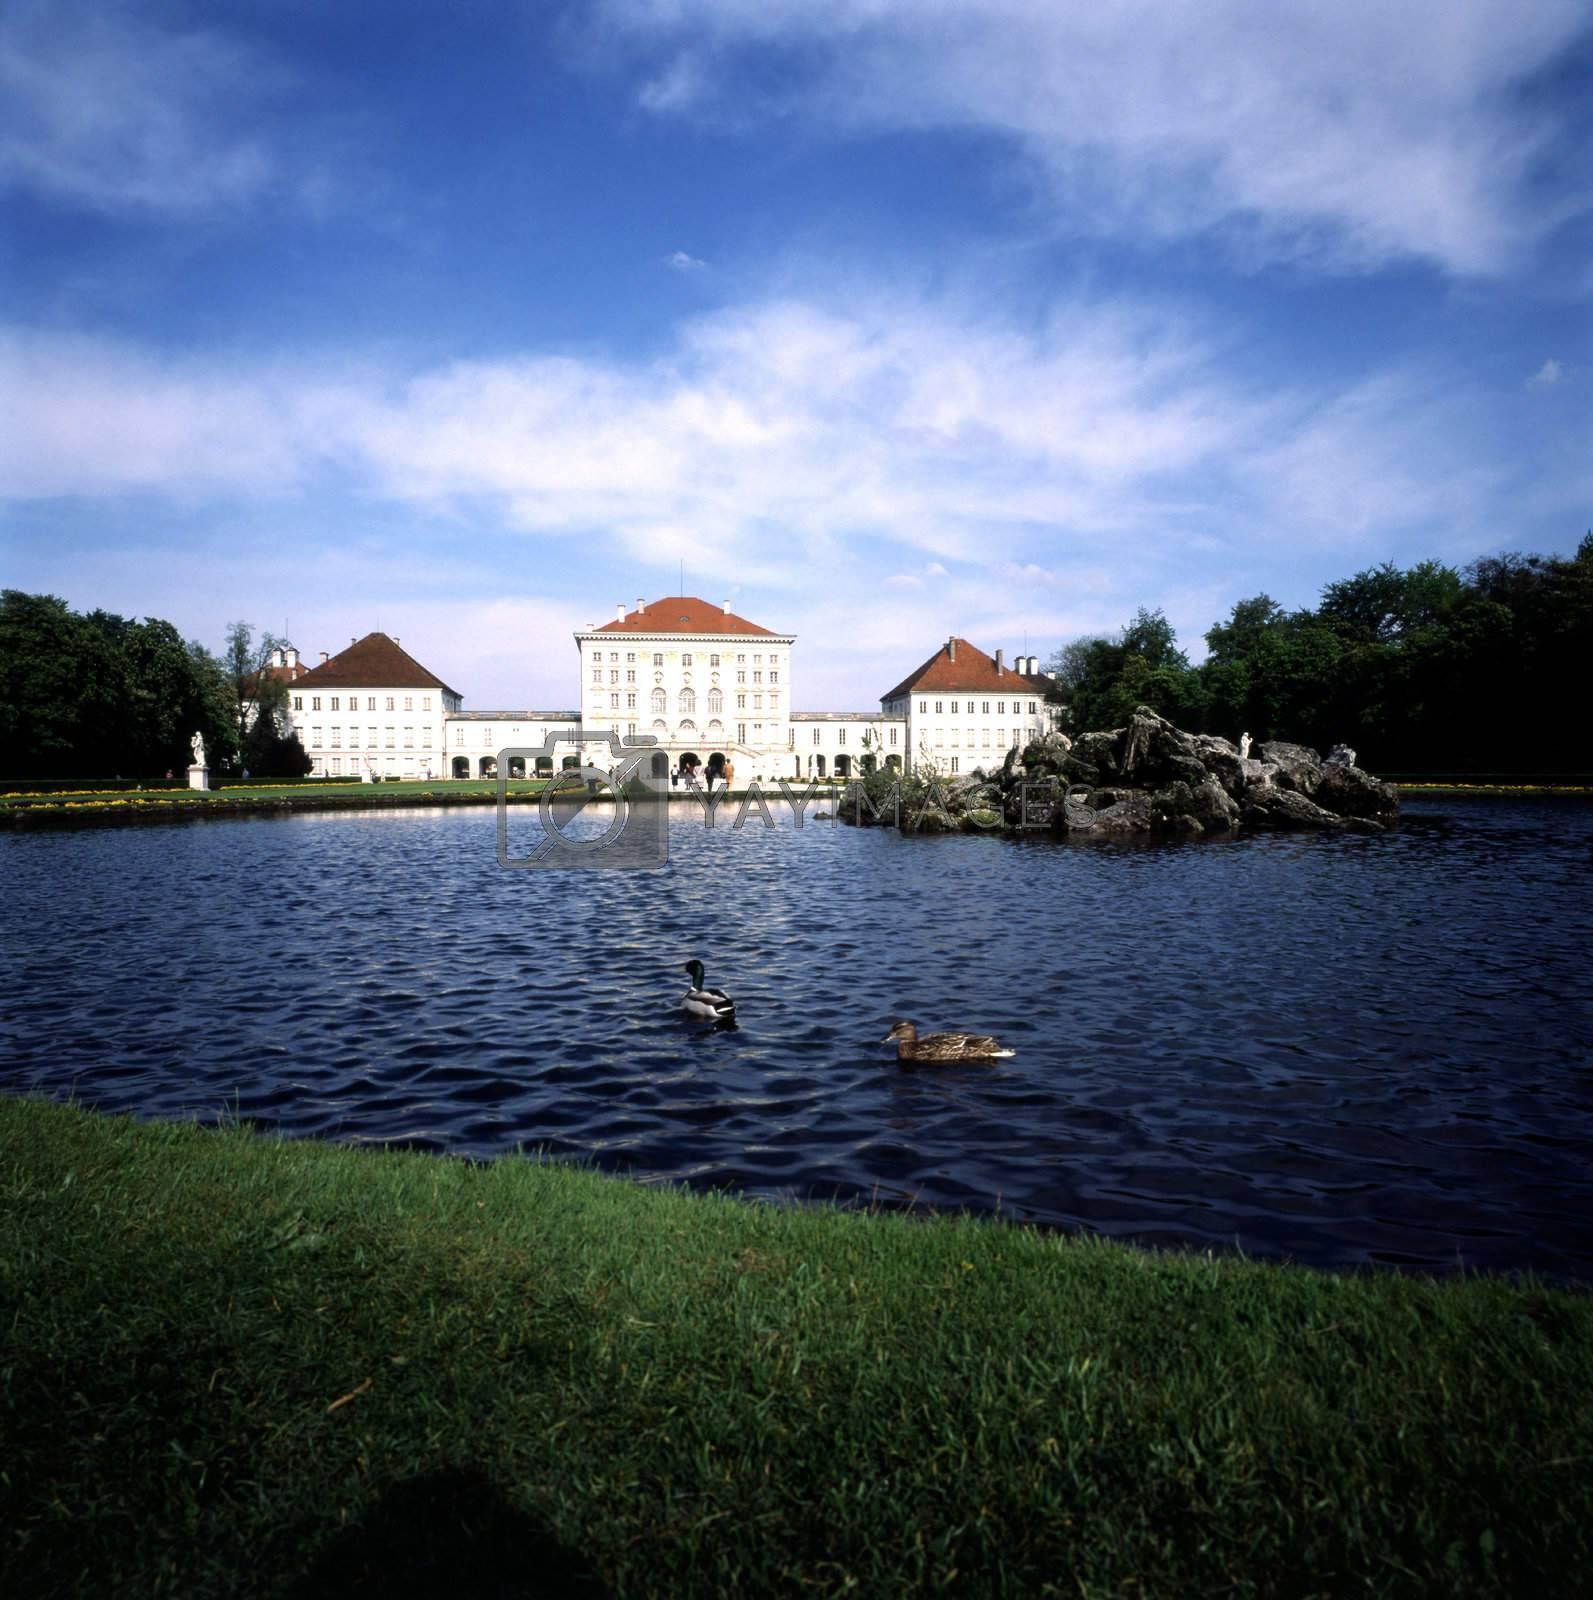 Nymphenburg Palace, Munich by jol66